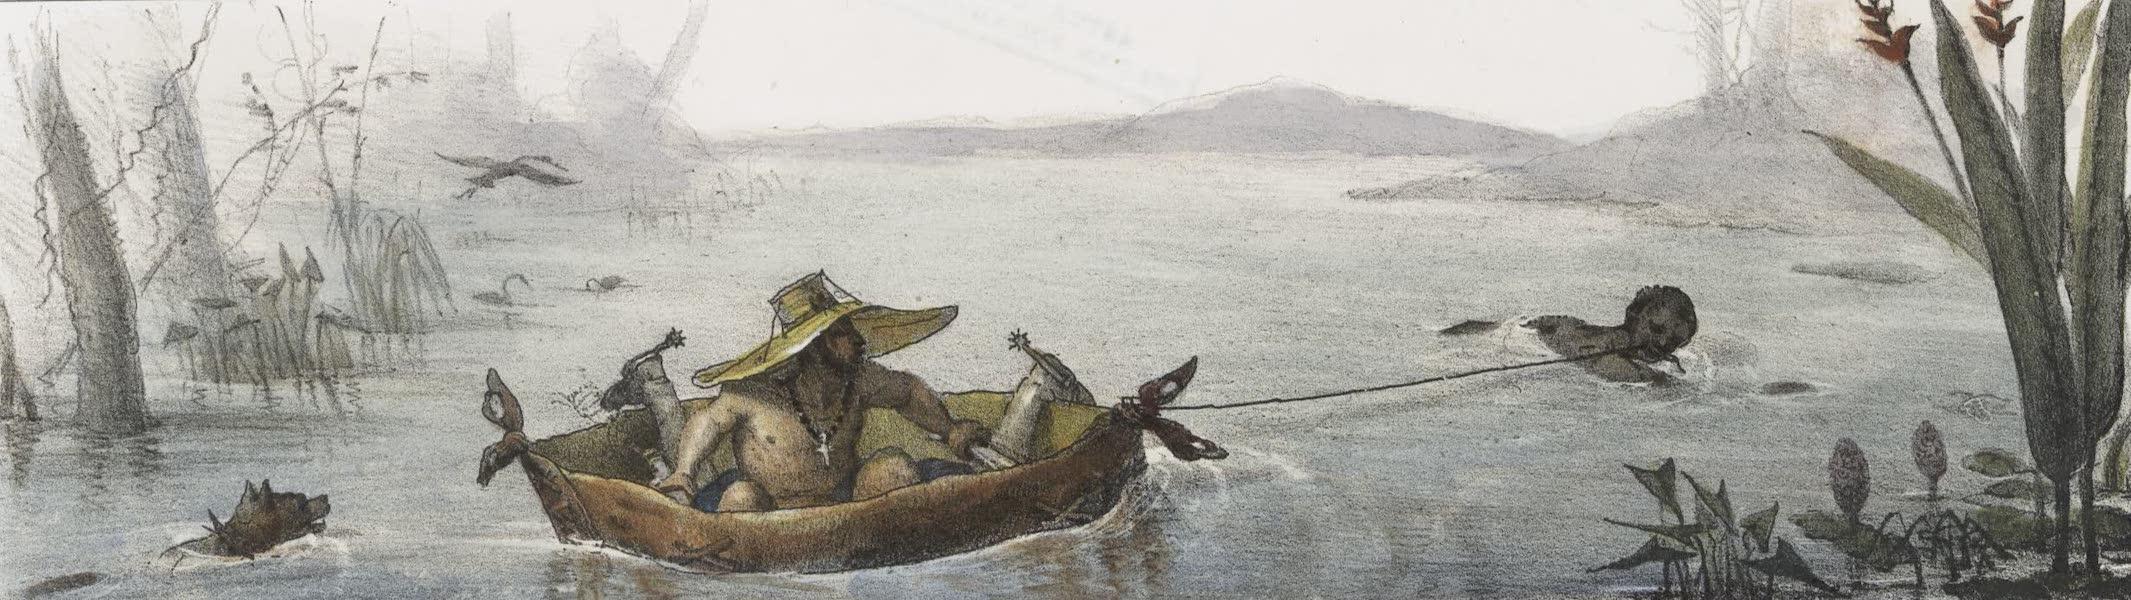 Voyage Pittoresque et Historique au Bresil Vol. 2 - Barque Brésilienne faite avec un Cuir de Boeuf (1835)